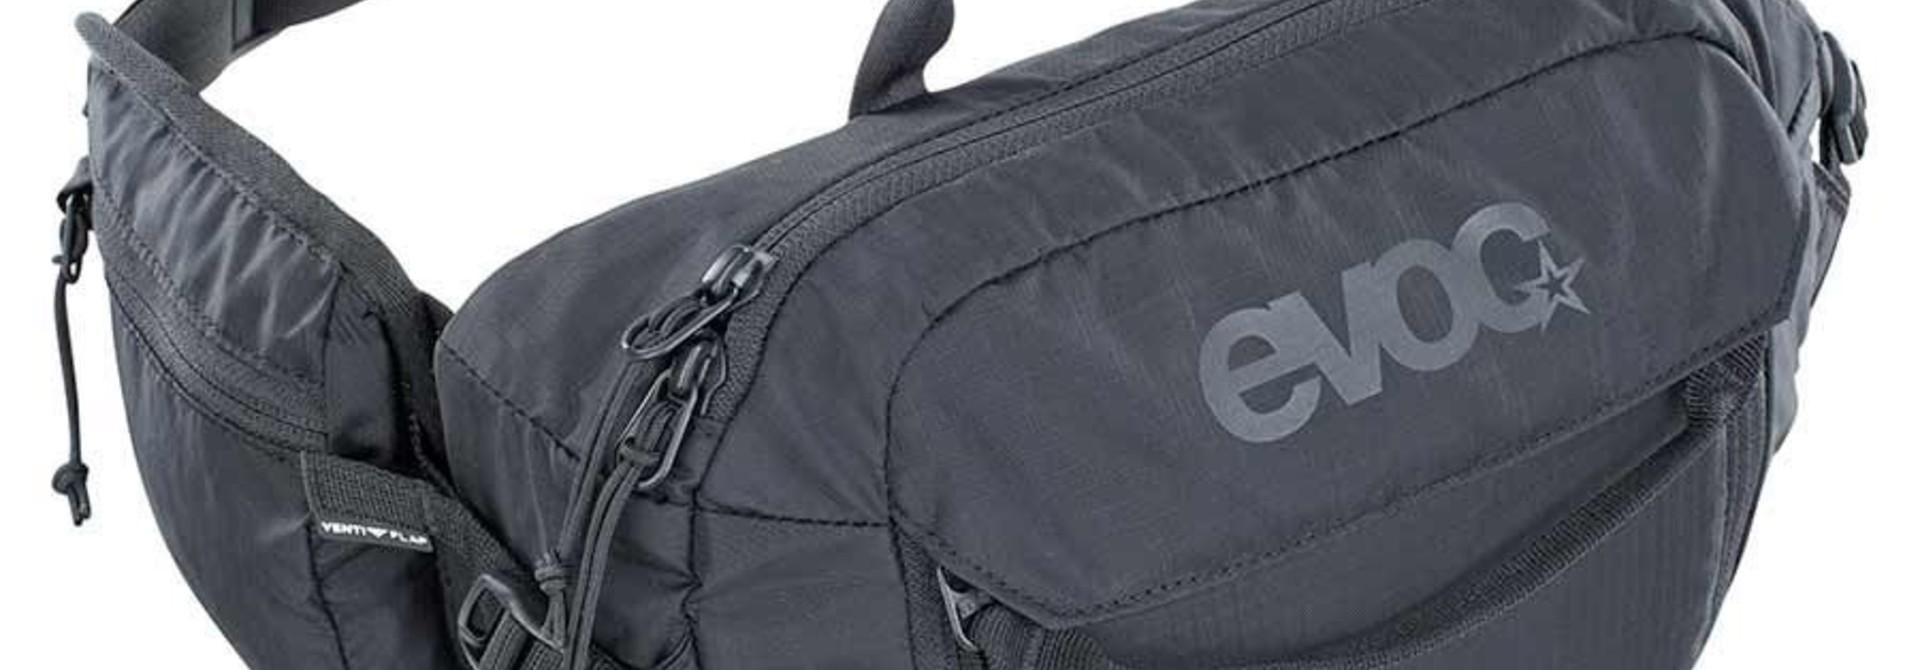 EVOC, Hip Pack, Hydration Bag, Volume: 3L, w/ 1.5L Bladder